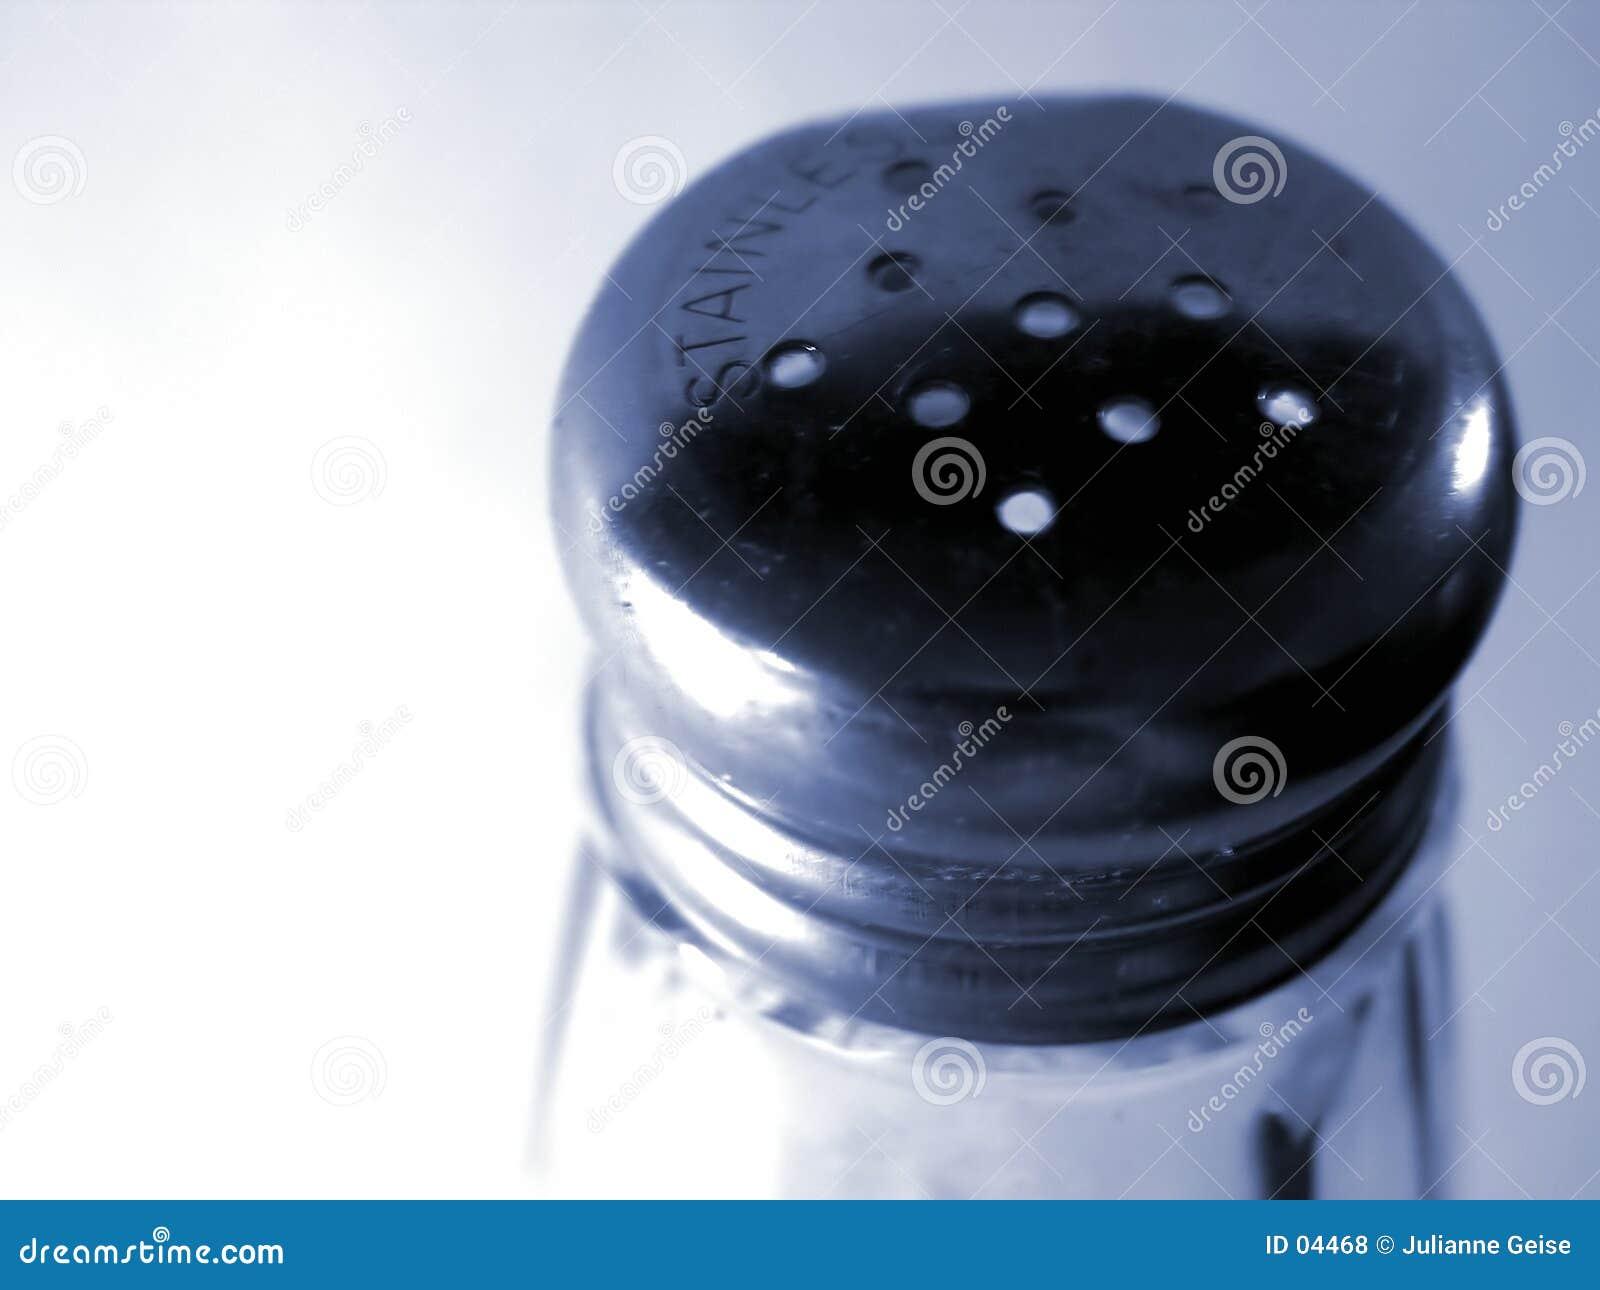 Stainless Salt Shaker